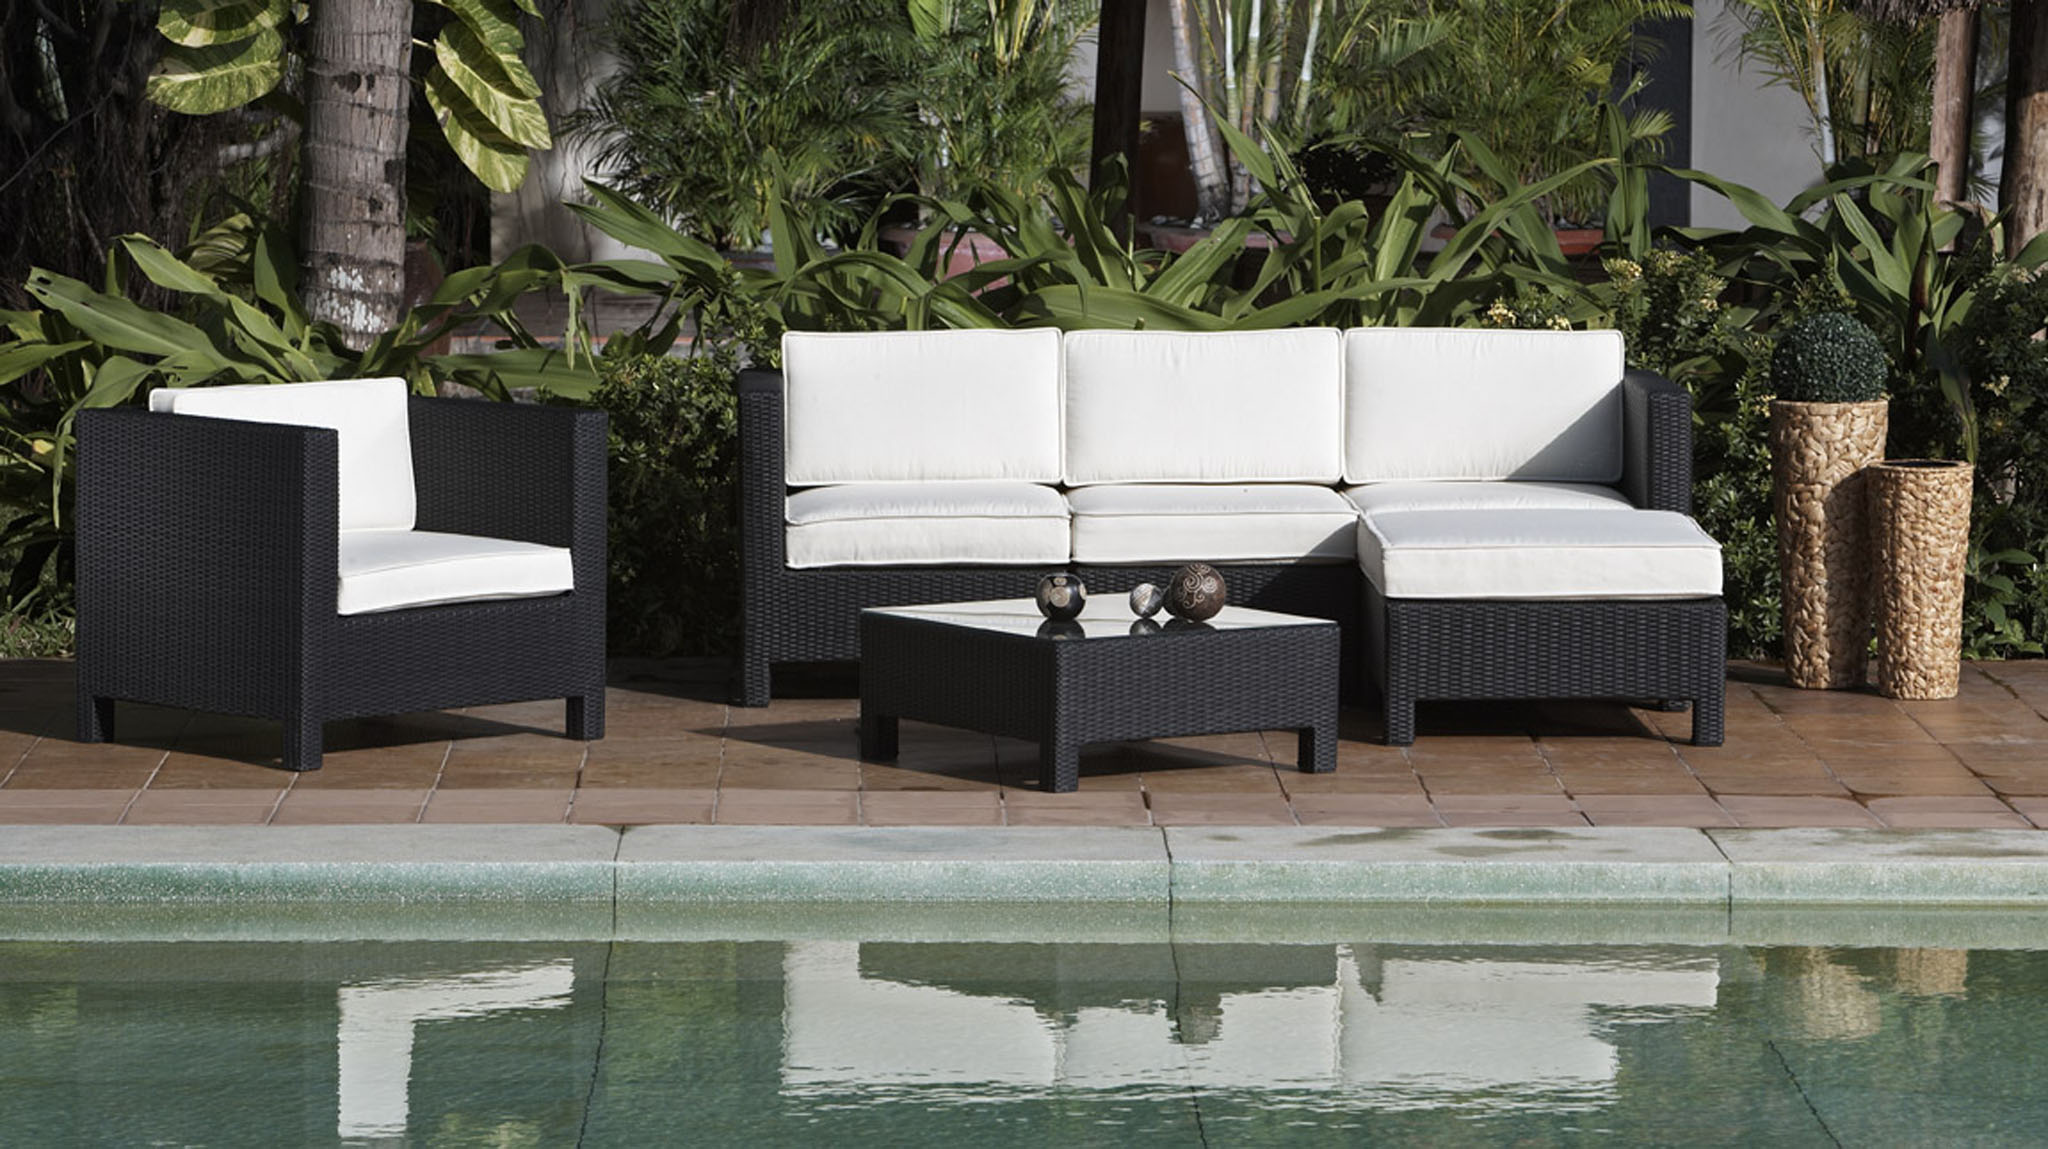 Bei Conforama feiern die Gartenmöbel den Sommer | Medienmitteilung ...